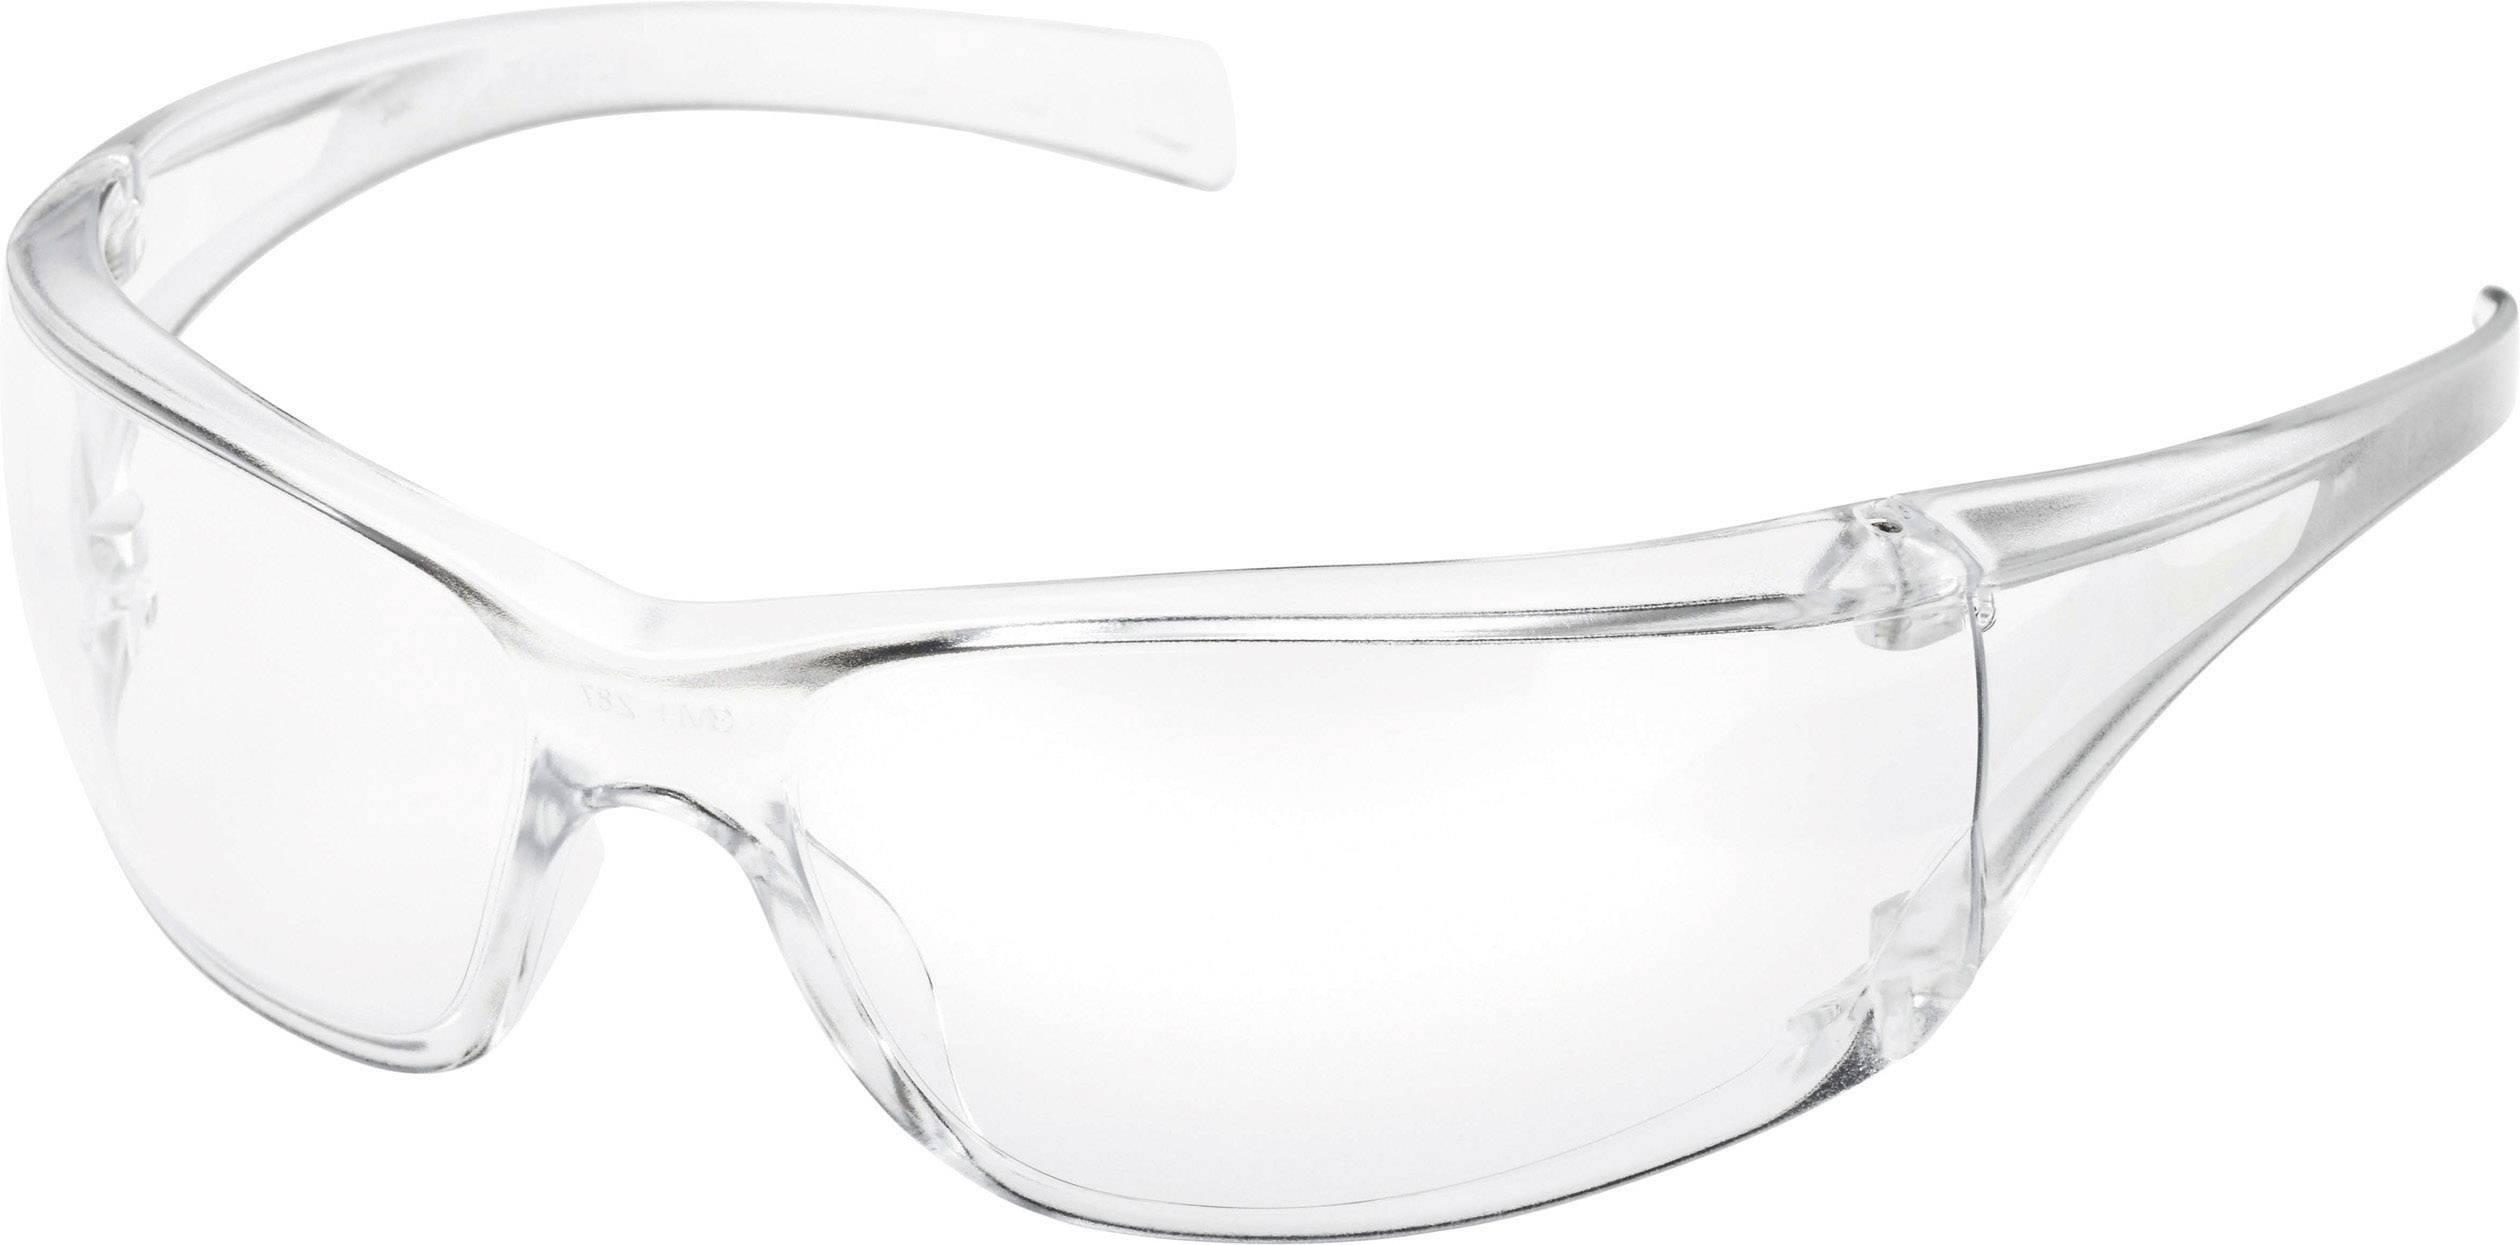 Schutzbrille Arbeitsbrille klar transparent nach EN166